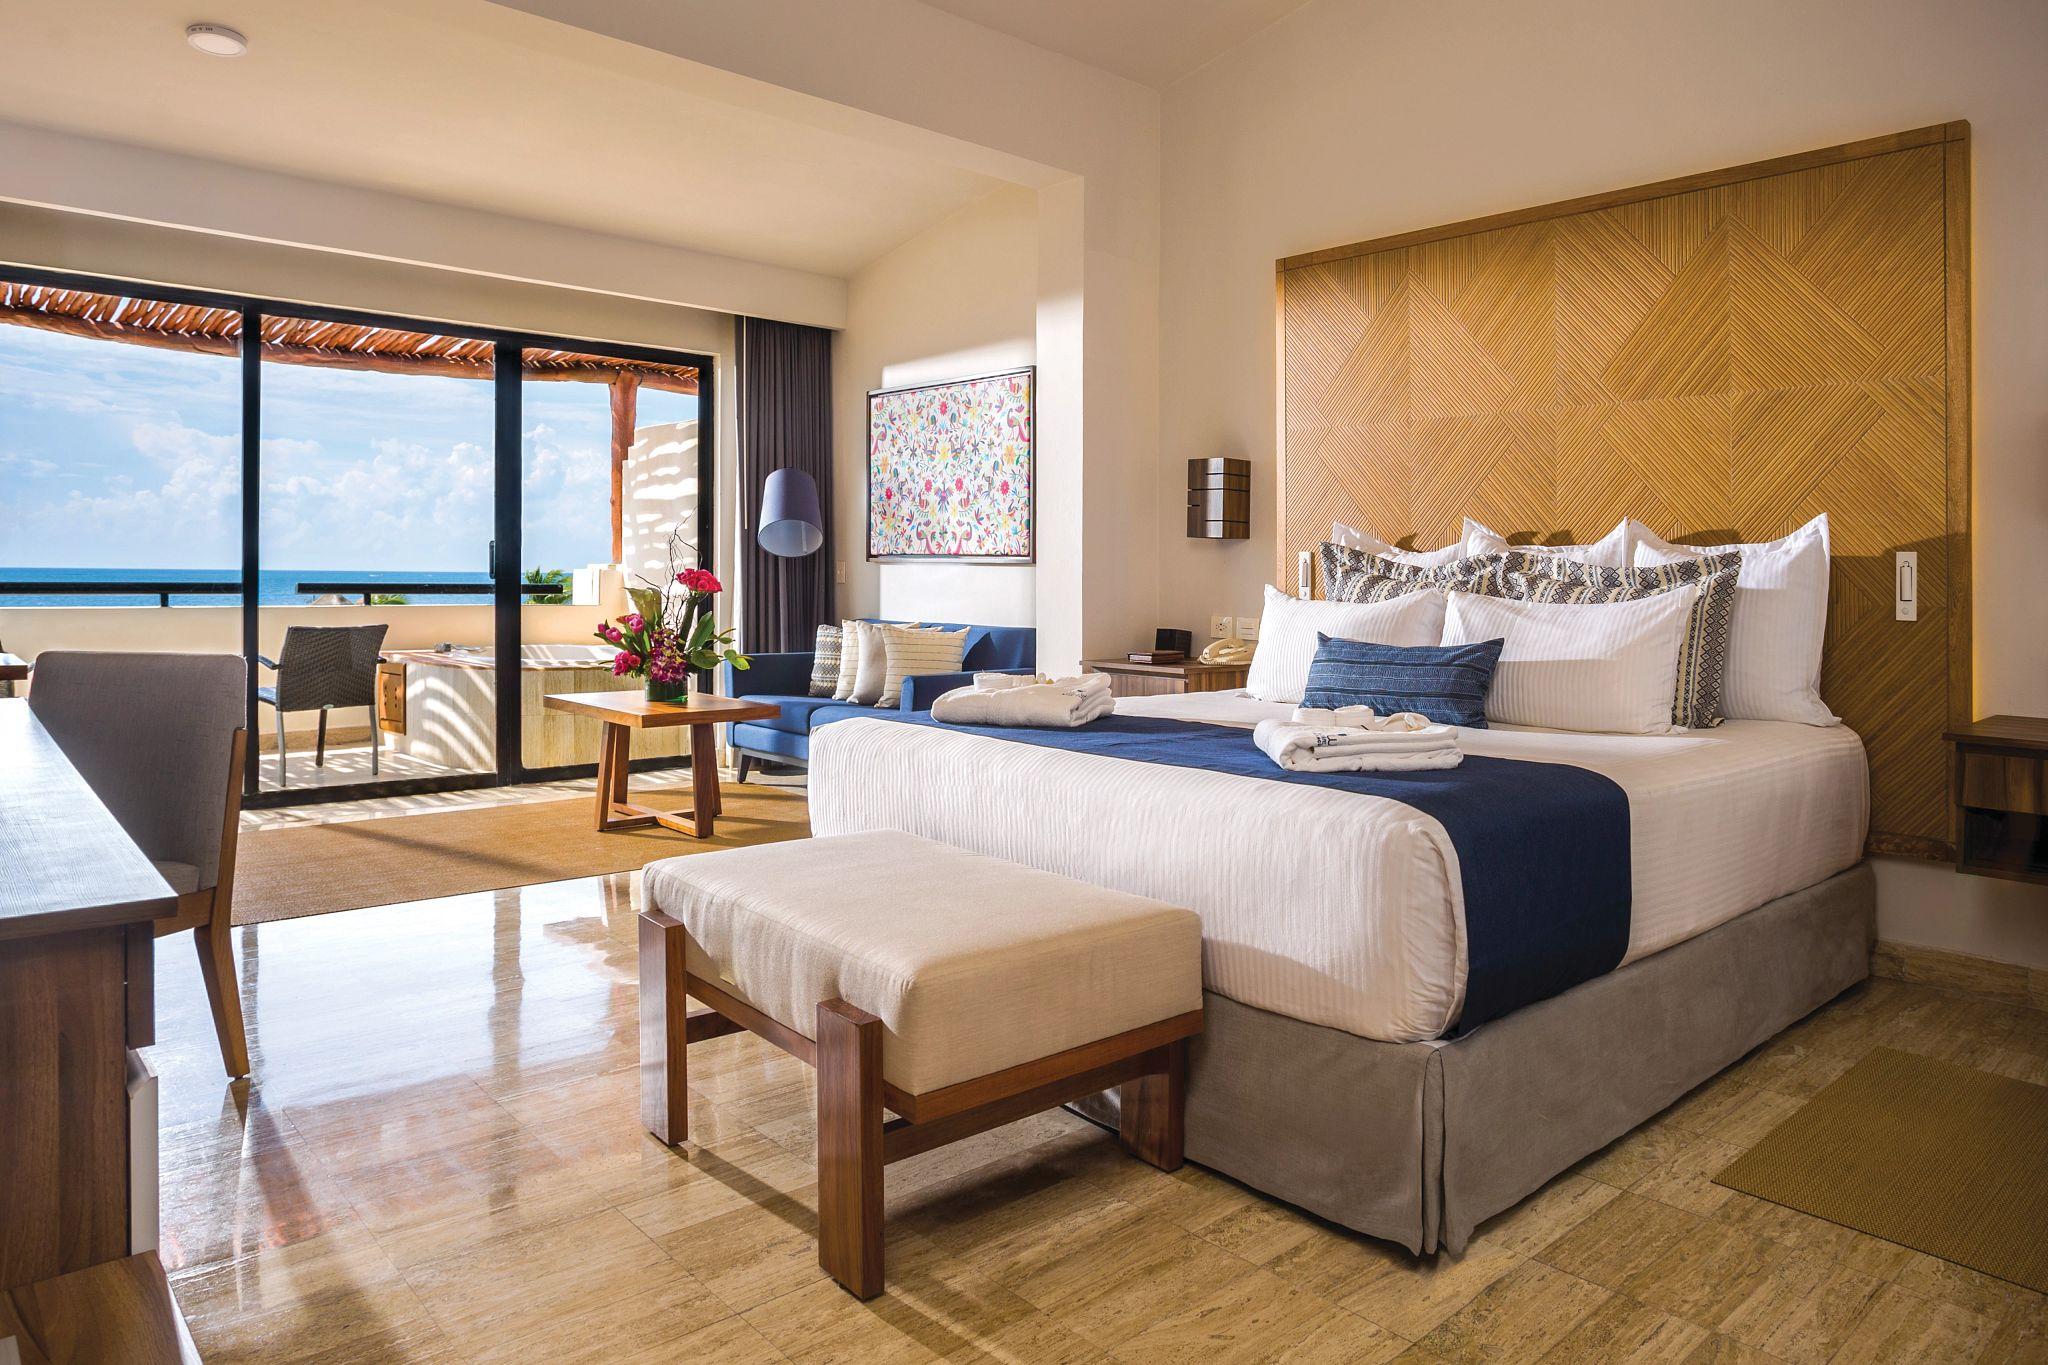 King bed hotel room overlooking the ocean